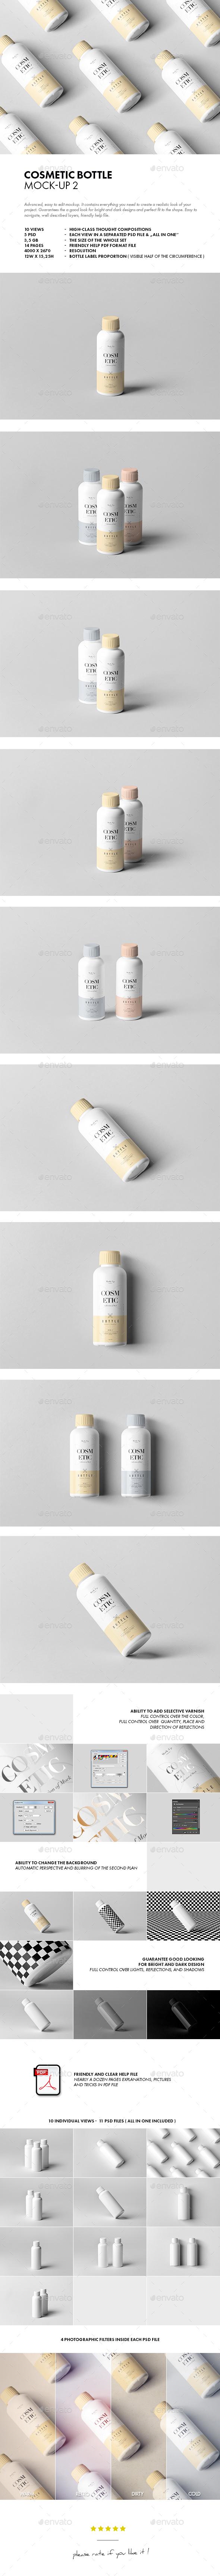 Cosmetic Bottle Mock-up 2 - Beauty Packaging